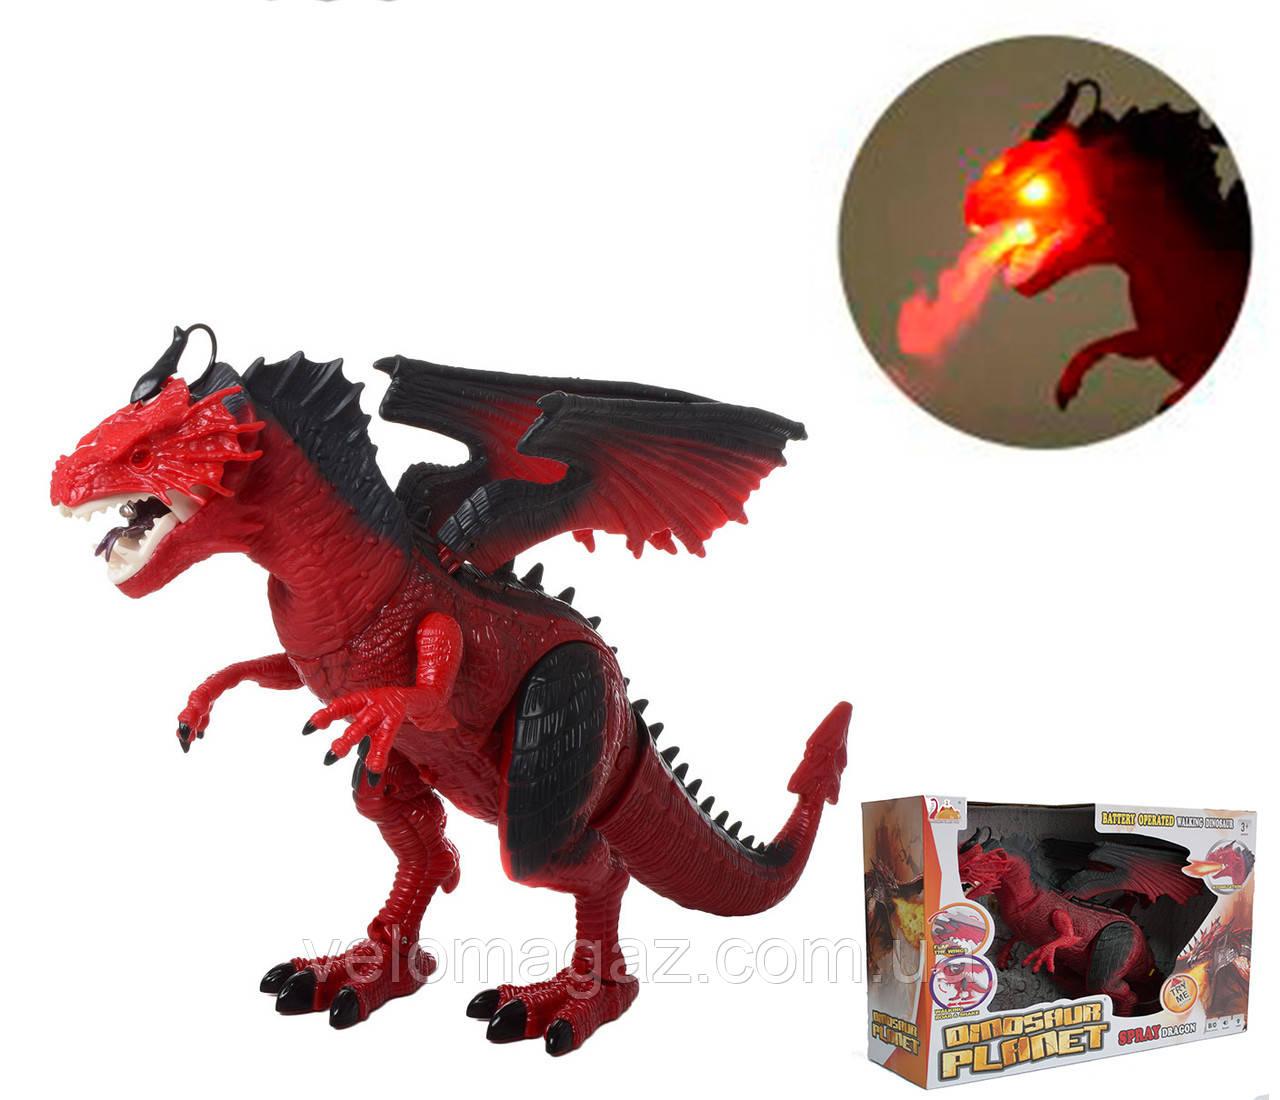 Динозавр RS6188A-9A, 48 см, пускает пар, ходит, двигает головой. Красный цвет.